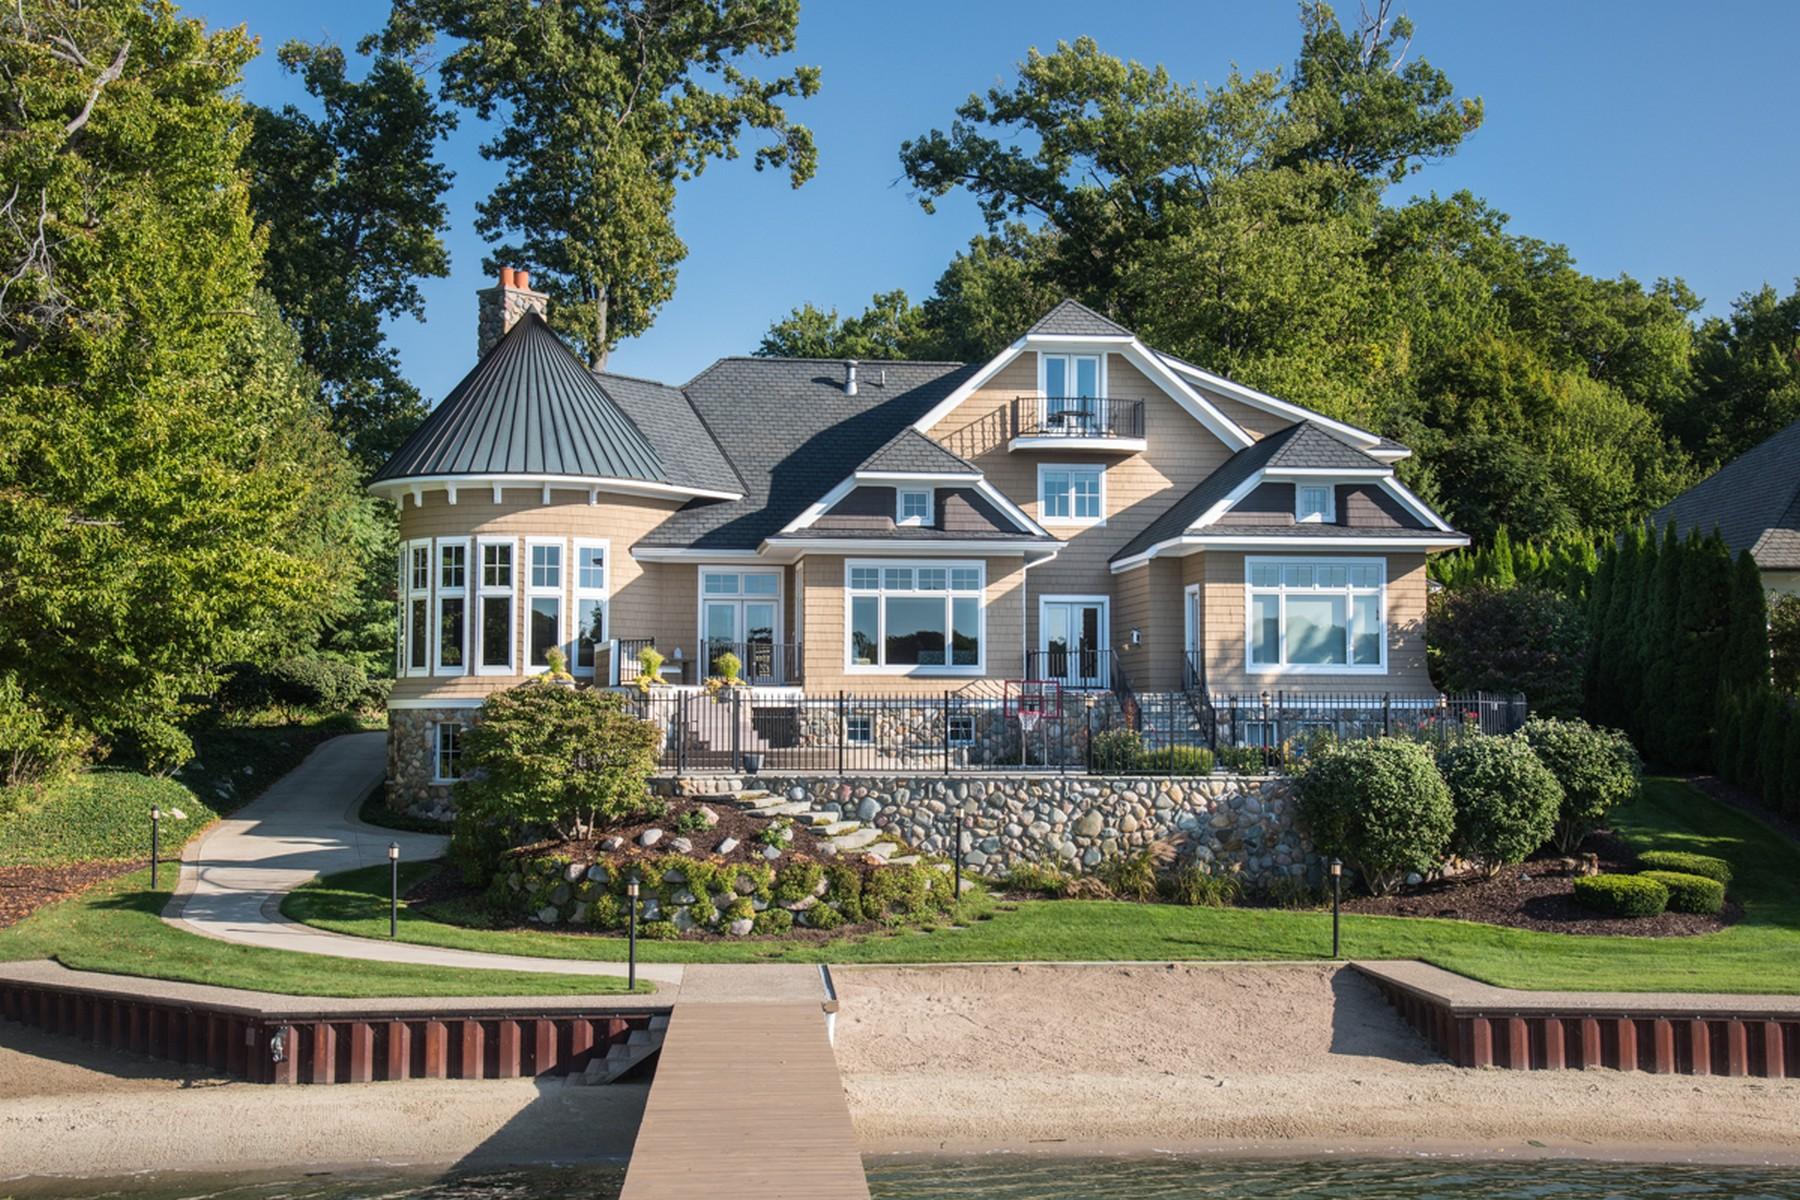 独户住宅 为 销售 在 Luxurious Lakefront Home On Lake Macatawa 833 Barkentine Drive 霍德兰, 密歇根州 49424 美国